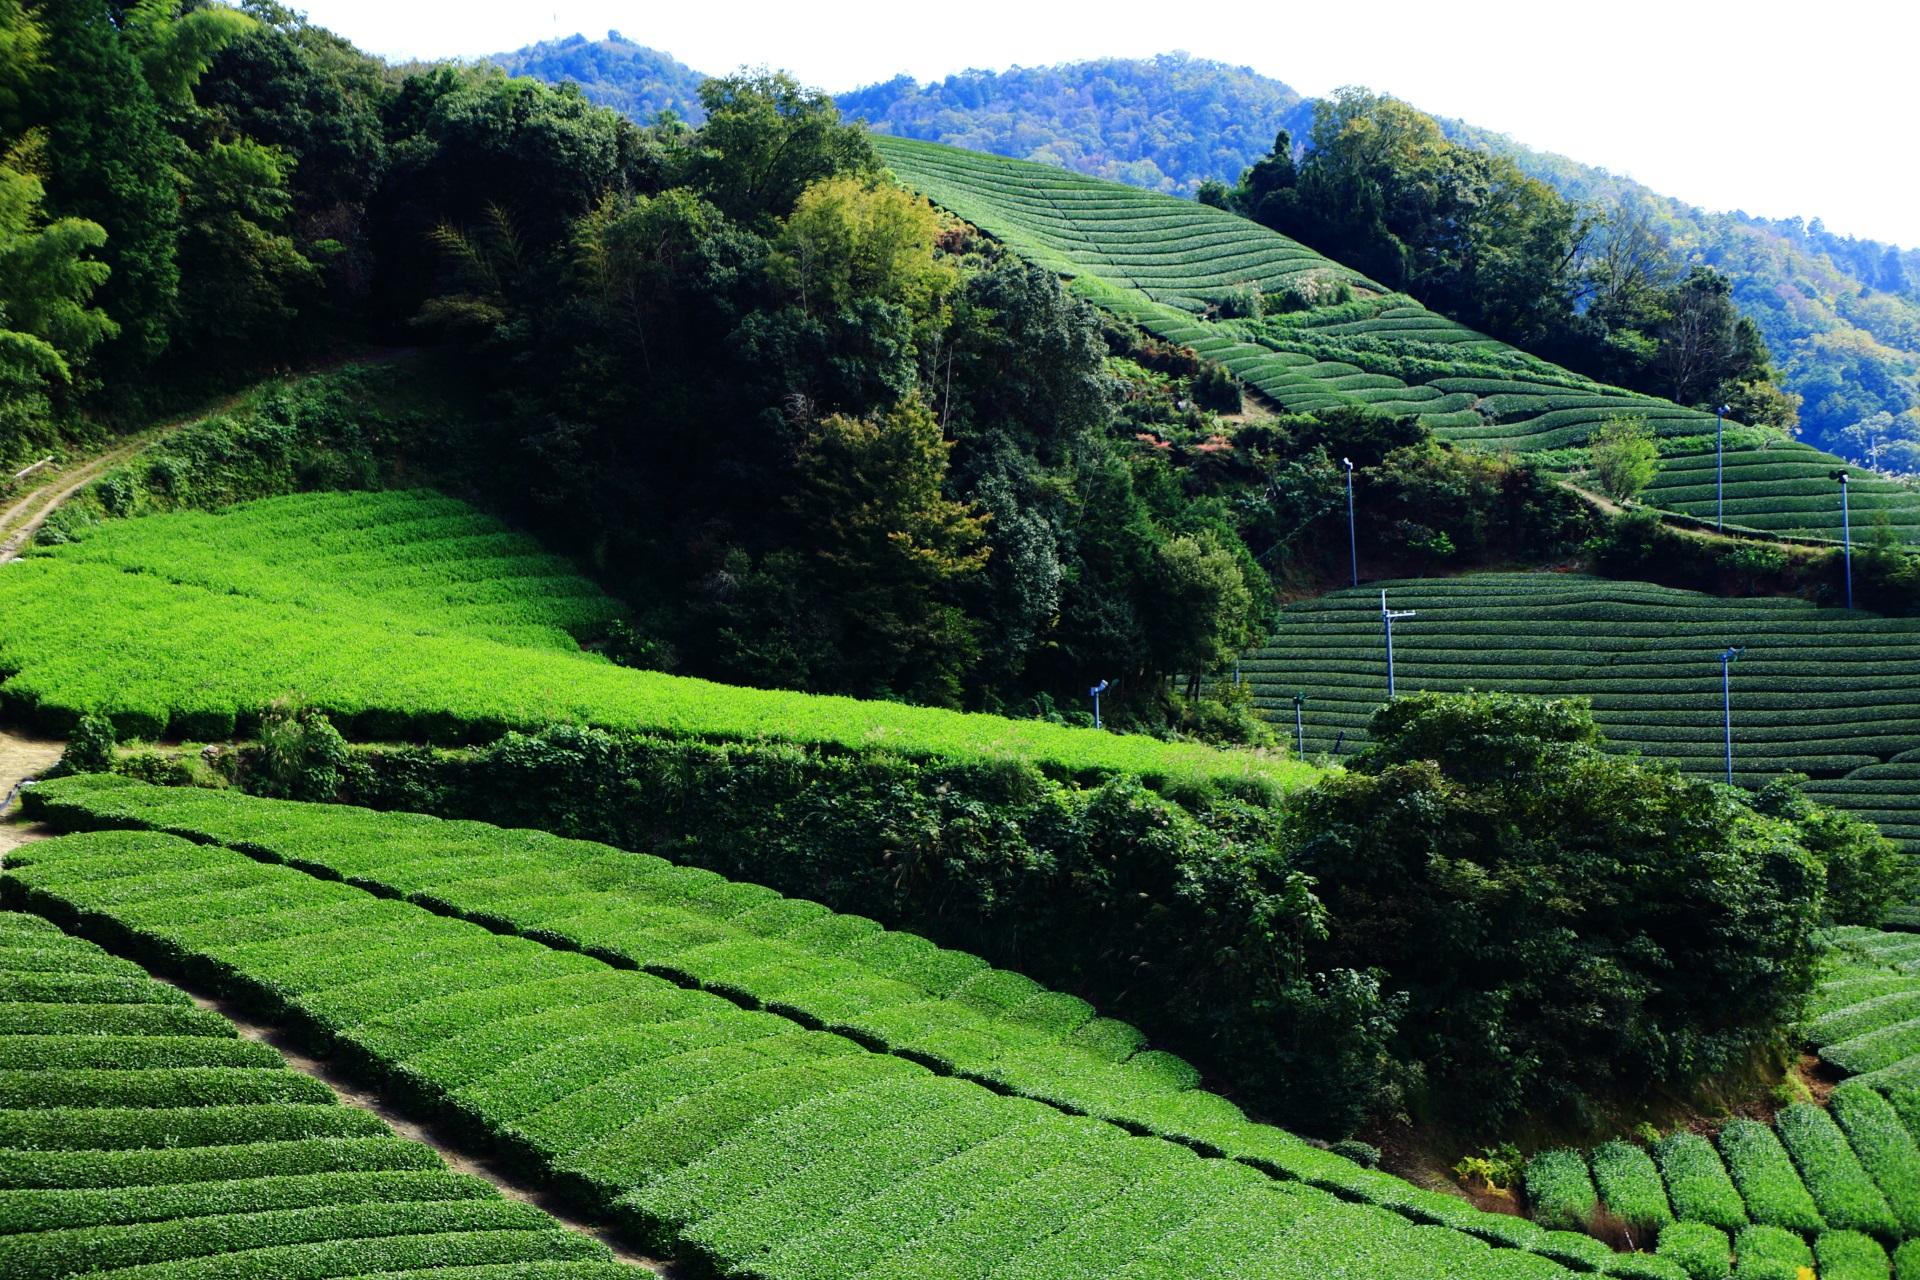 和束町を代表するお茶畑の名所の石寺地区のお茶畑